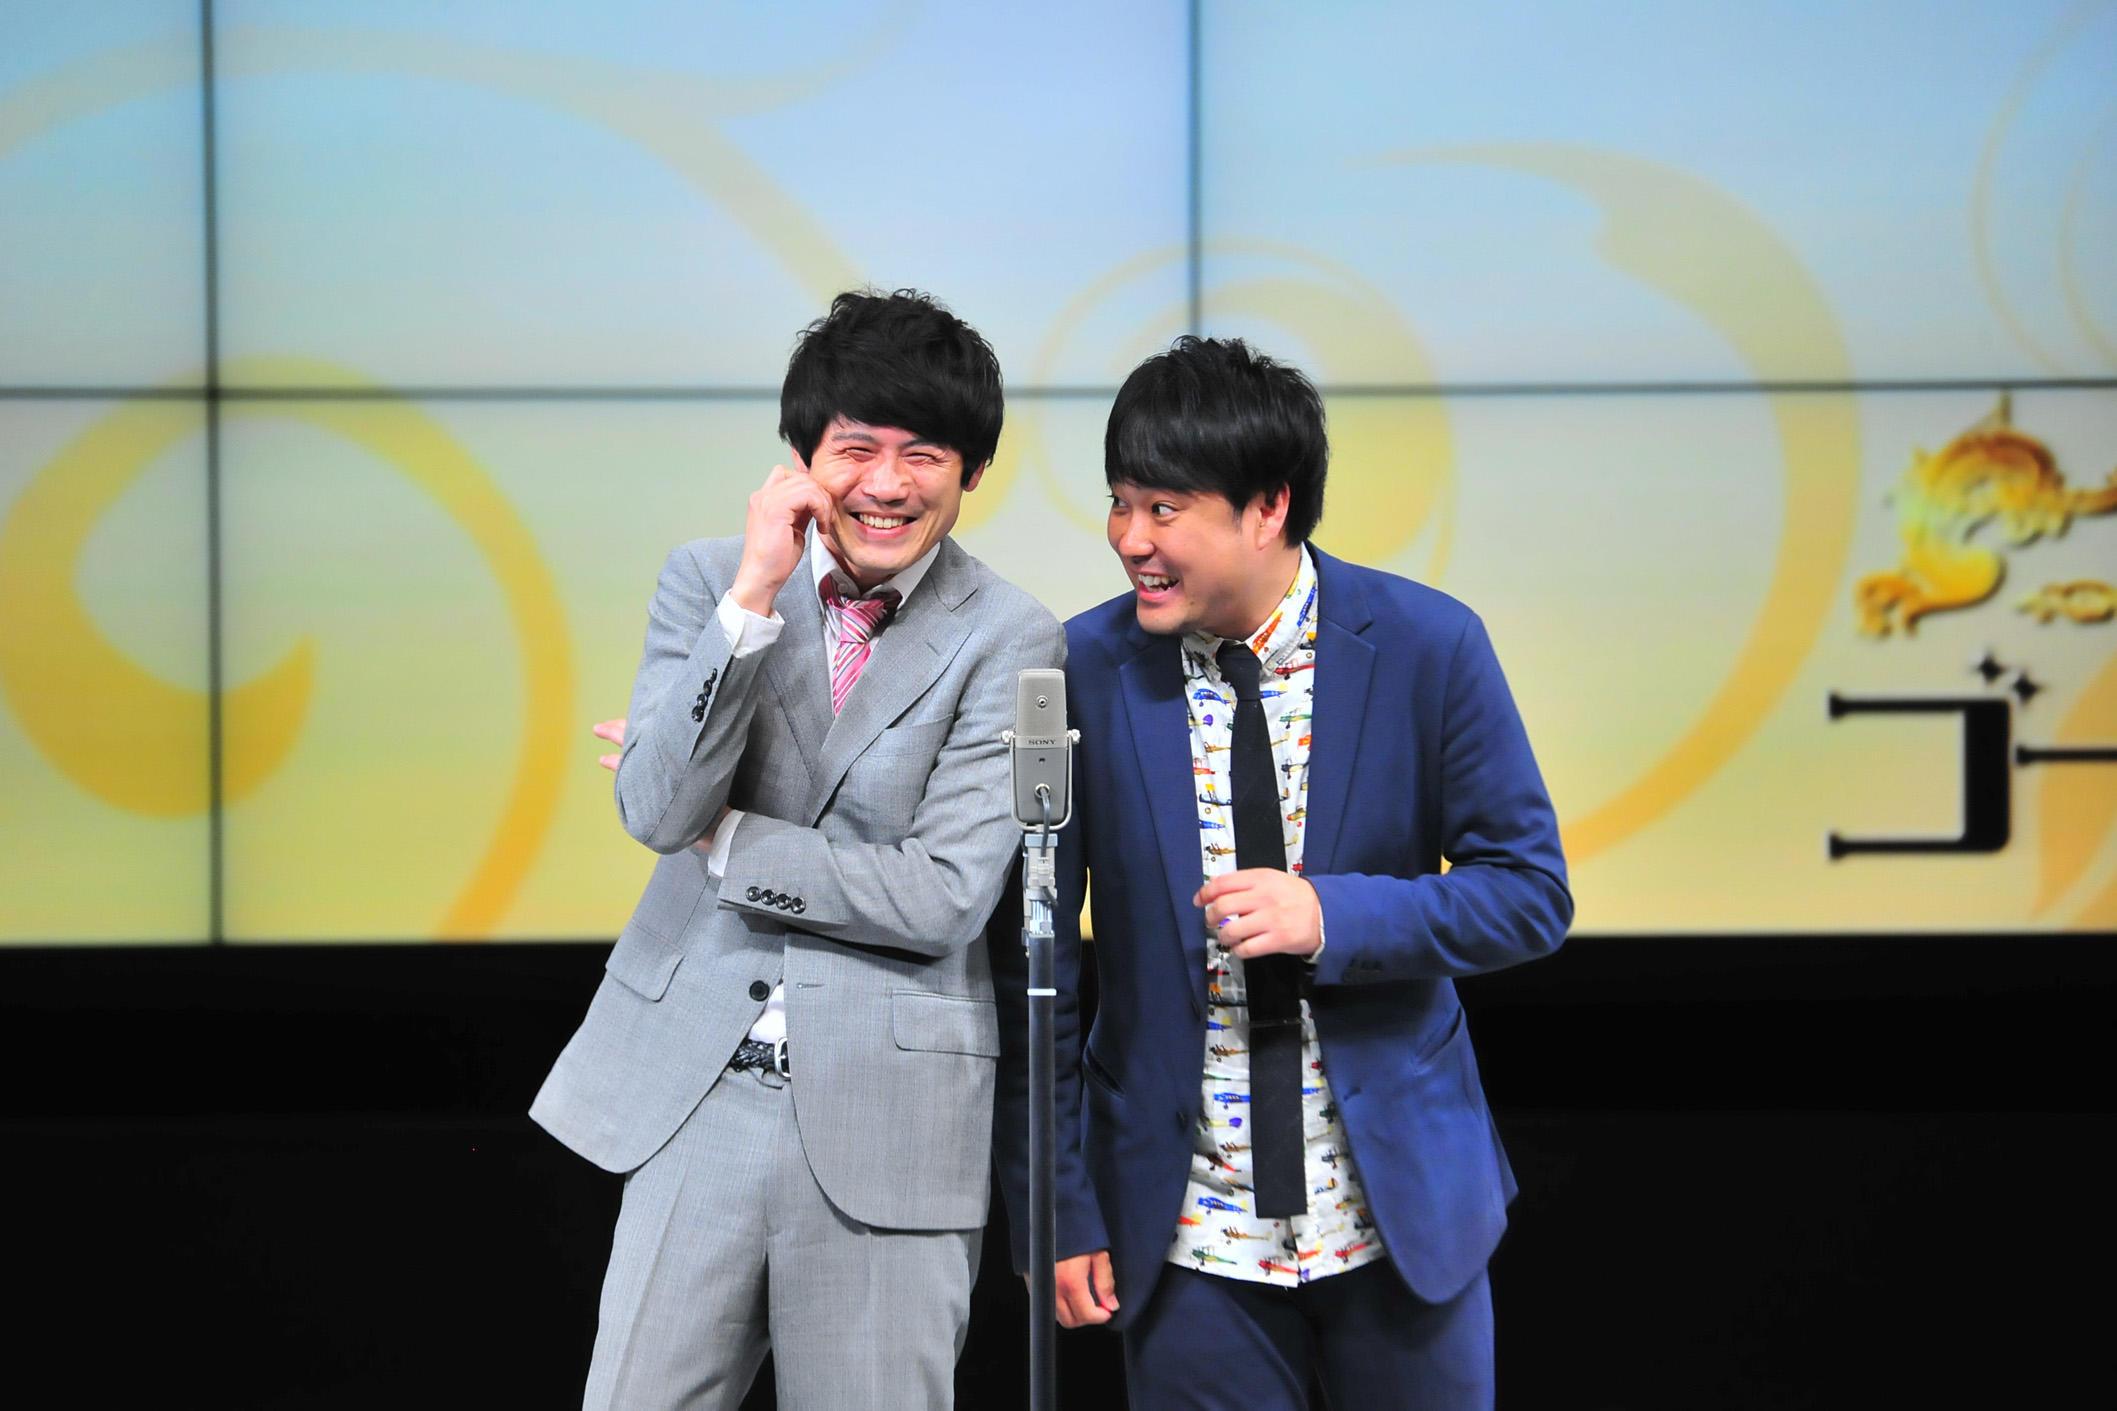 http://news.yoshimoto.co.jp/20160429203902-b7c6a168ba32180a9028934bb737972c2a9baca5.jpg